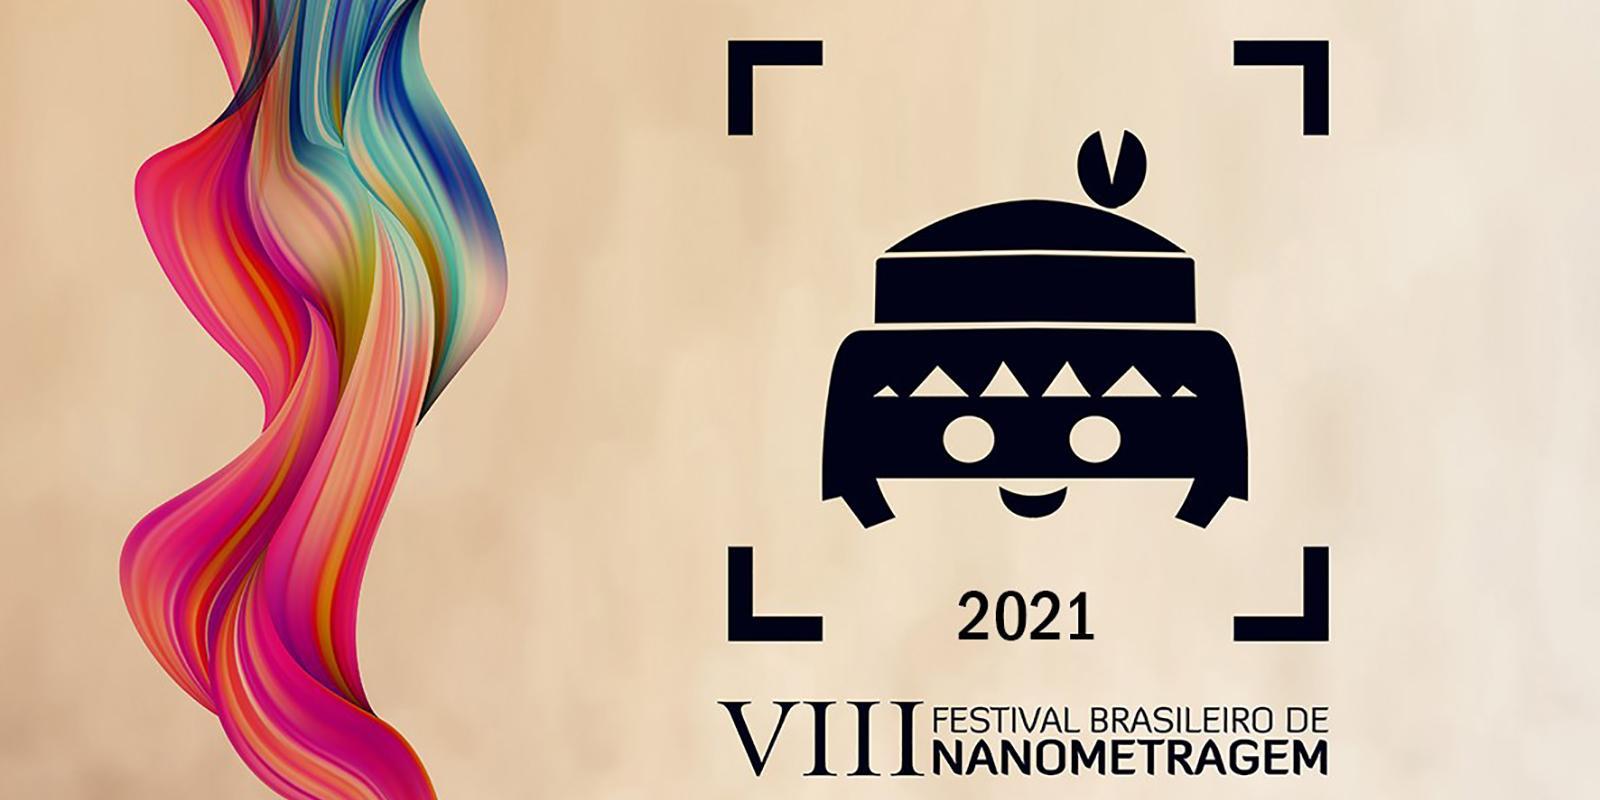 Estão abertas as inscrições para o 8º Festival Brasileiro de Nanometragem